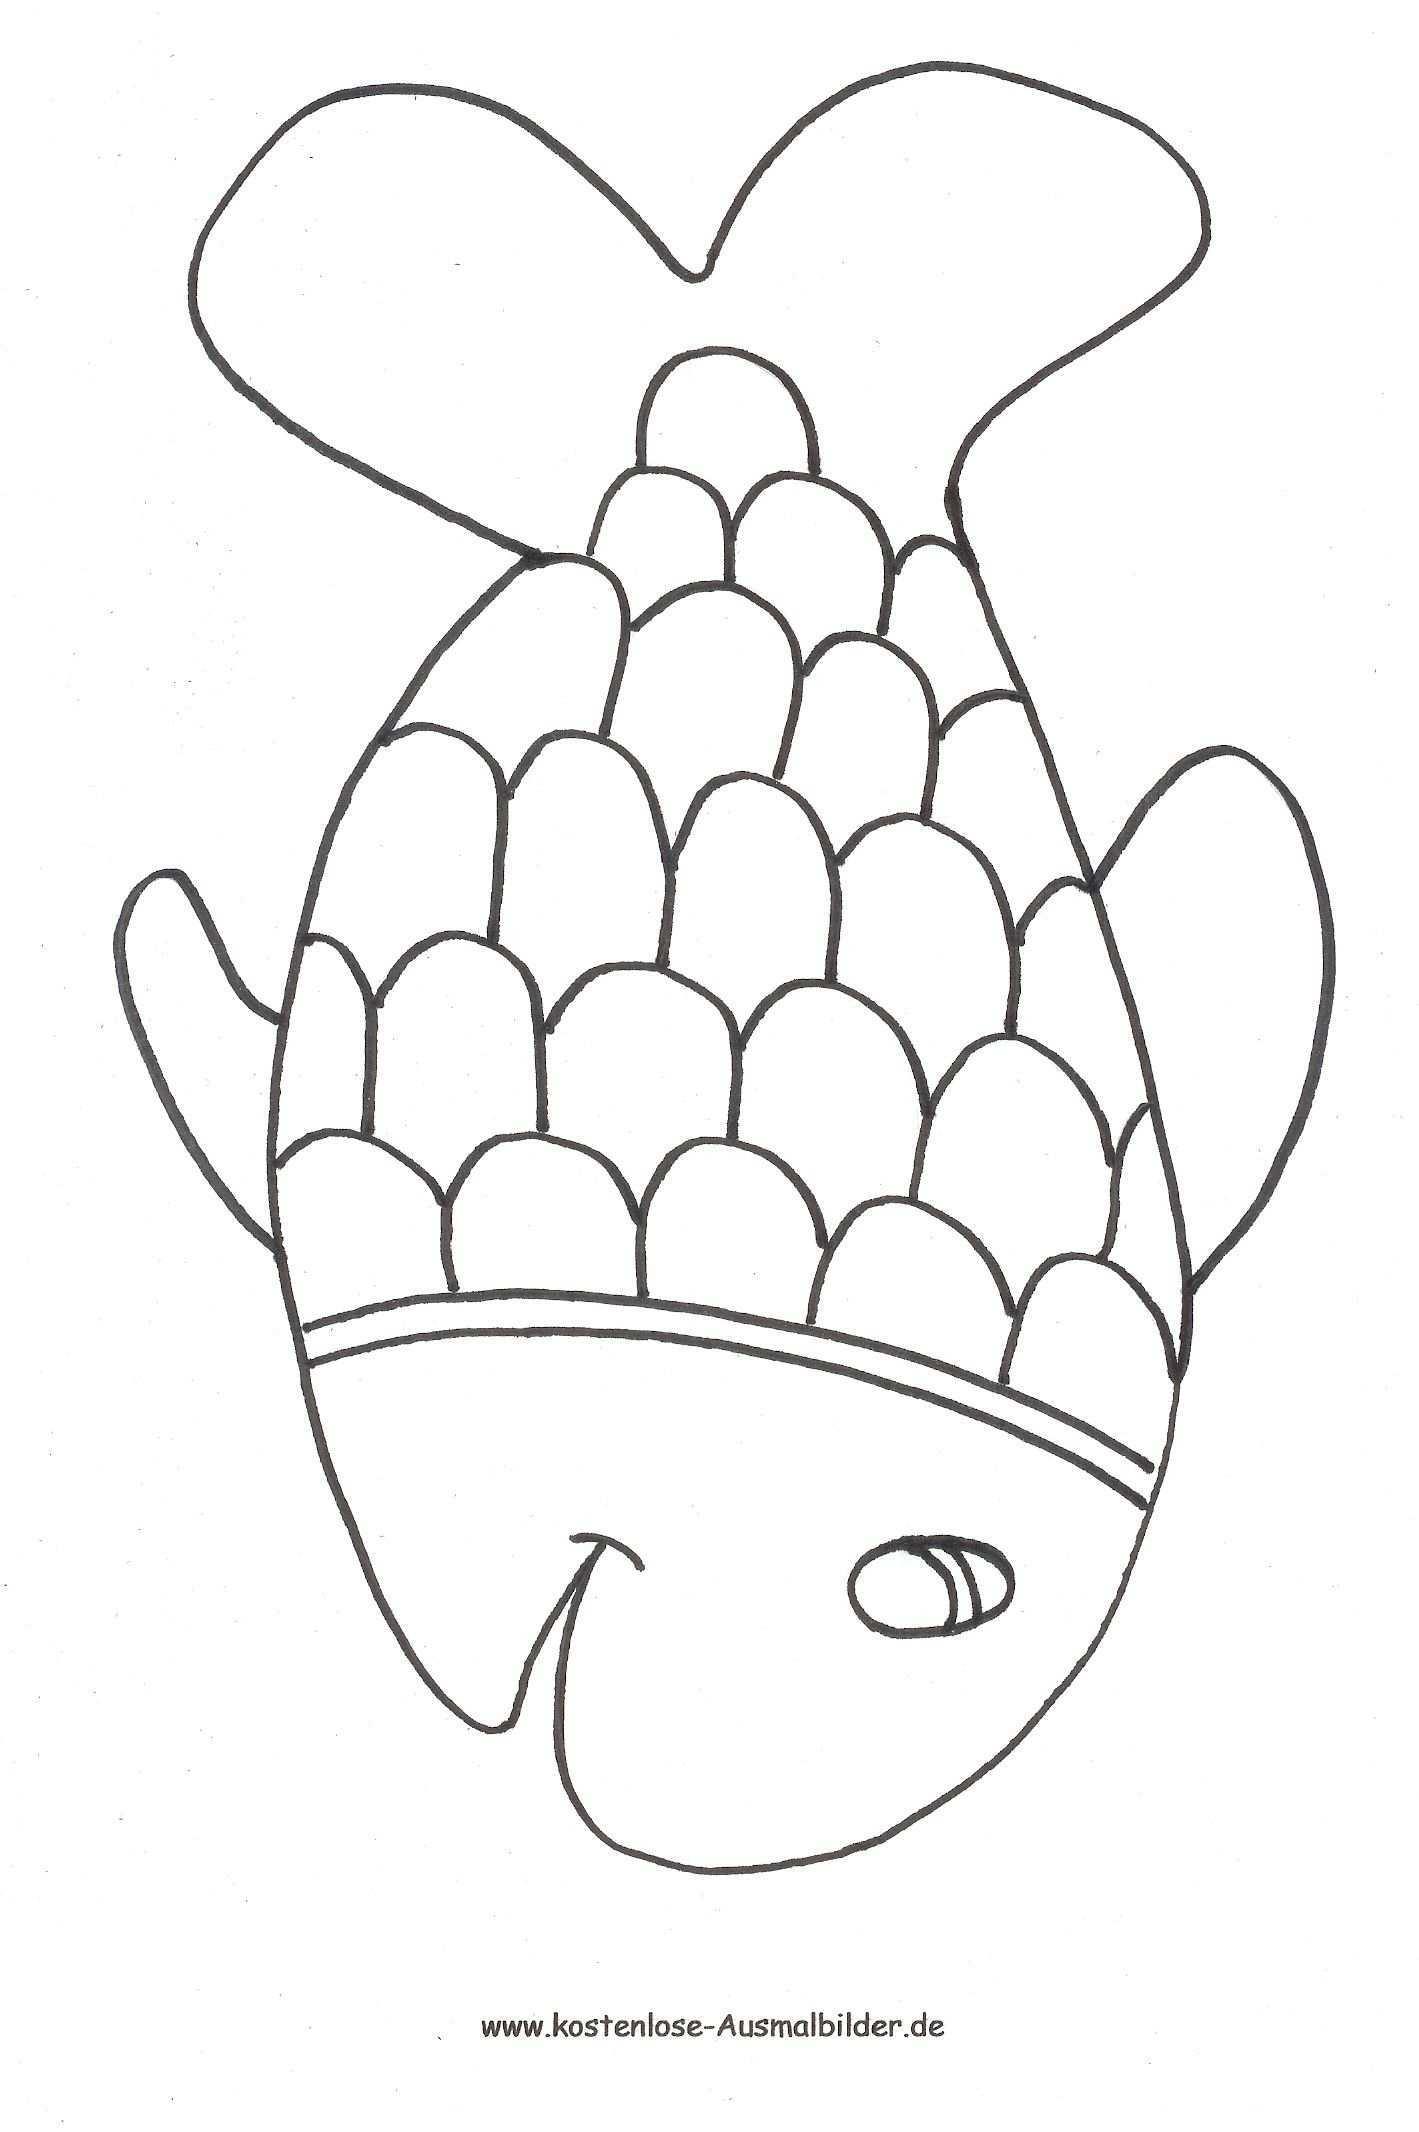 Ausmalbilder Fische Gratis Ausmalbilder Fur Kinder Ausmalbilder Fische Fisch Vorlage Kostenlose Ausmalbilder